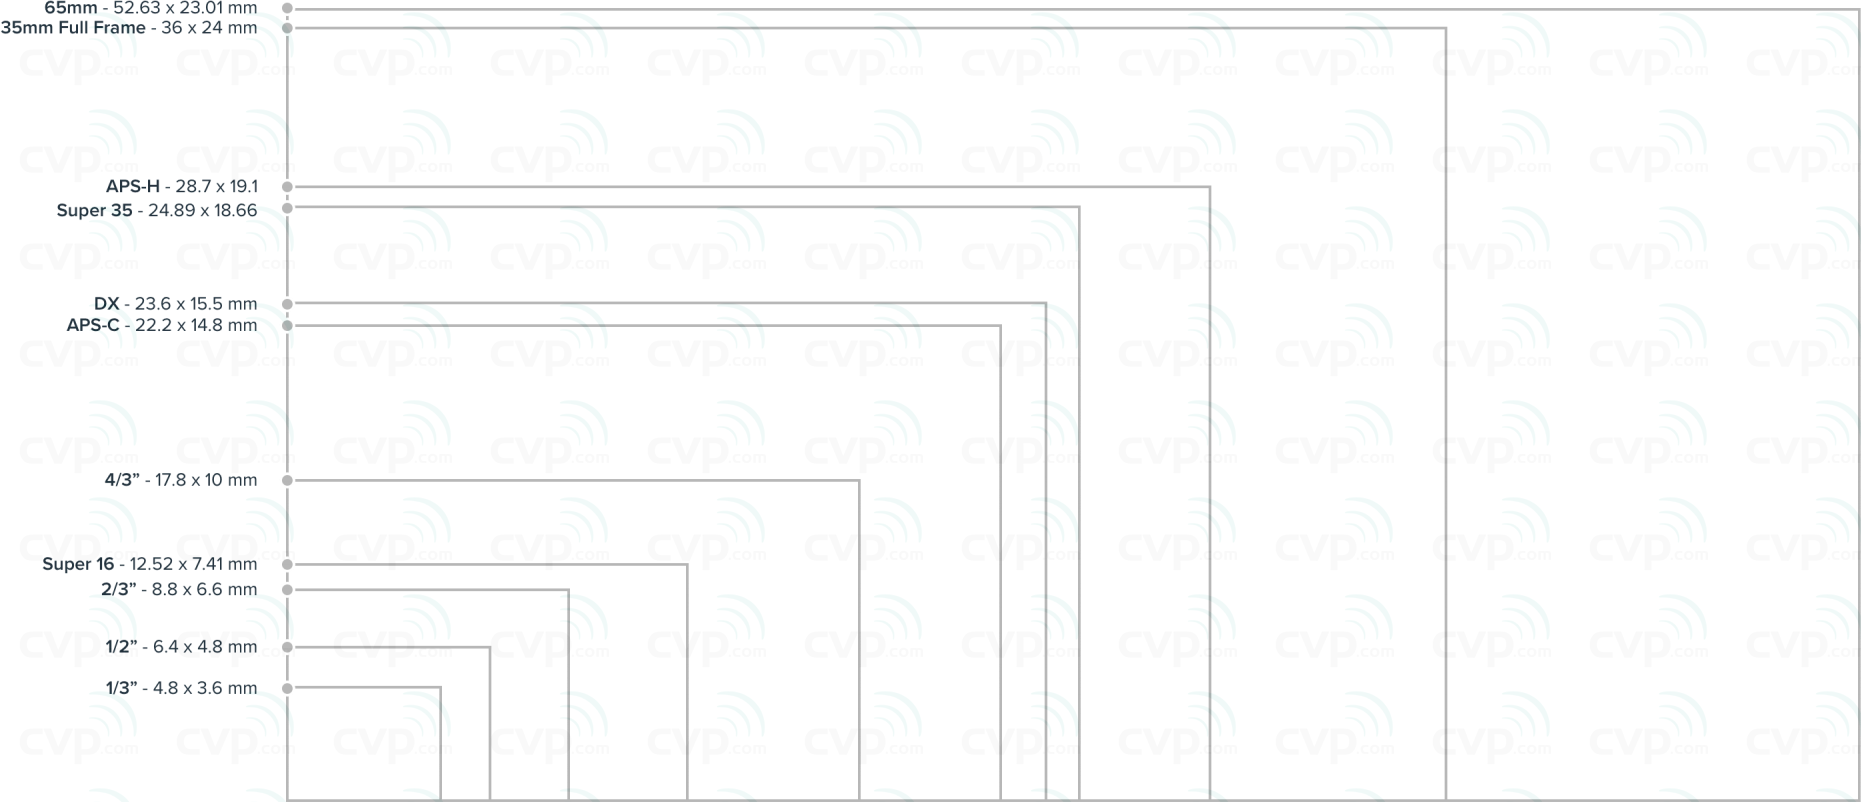 Ziemlich 2 X 3 Rahmen Bilder - Benutzerdefinierte Bilderrahmen Ideen ...